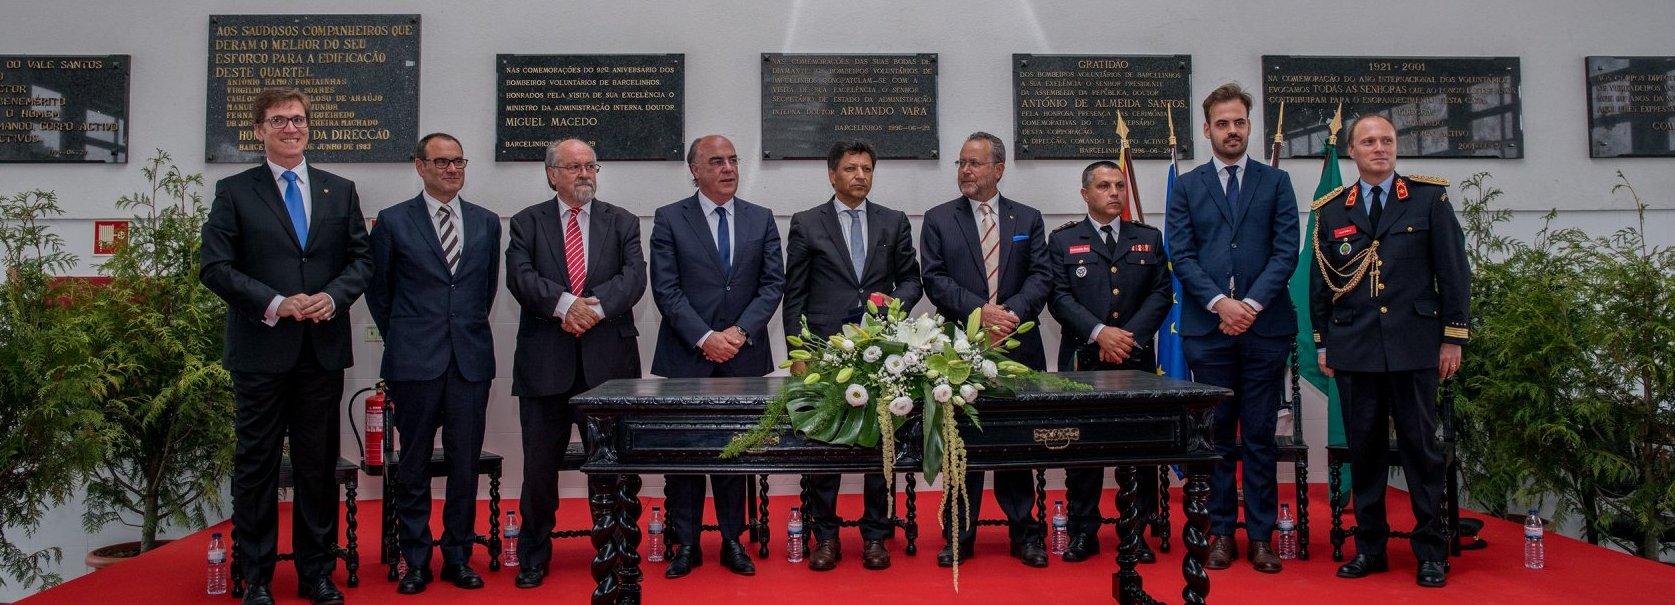 Secretário de Estado e Presidente da Câmara Municipal louvam trabalho dos Bombeiros de Barcelinhos